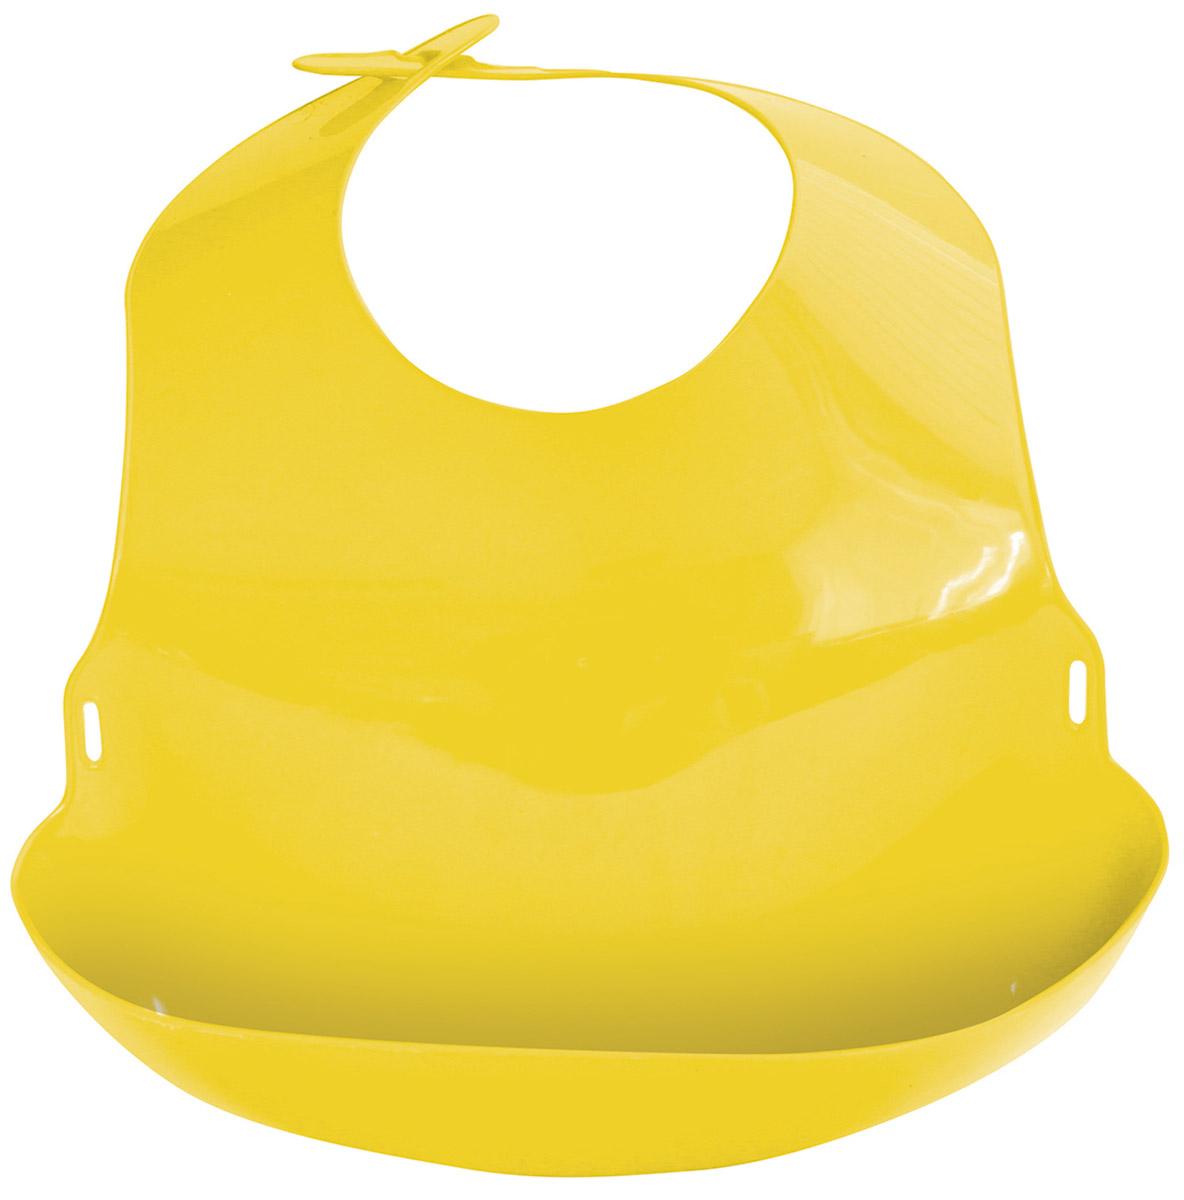 """Яркий и прочный нагрудник """"Lubby"""" защитит одежду малыша во время кормления и избавит родителей от дополнительных хлопот. Изготовлен из безопасных материалов, обеспечивающих длительное использование. Имеет удобный отворот, куда будет падать еда, которую малыш выплюнет или случайно уронит. Мыть в теплой воде с мылом."""